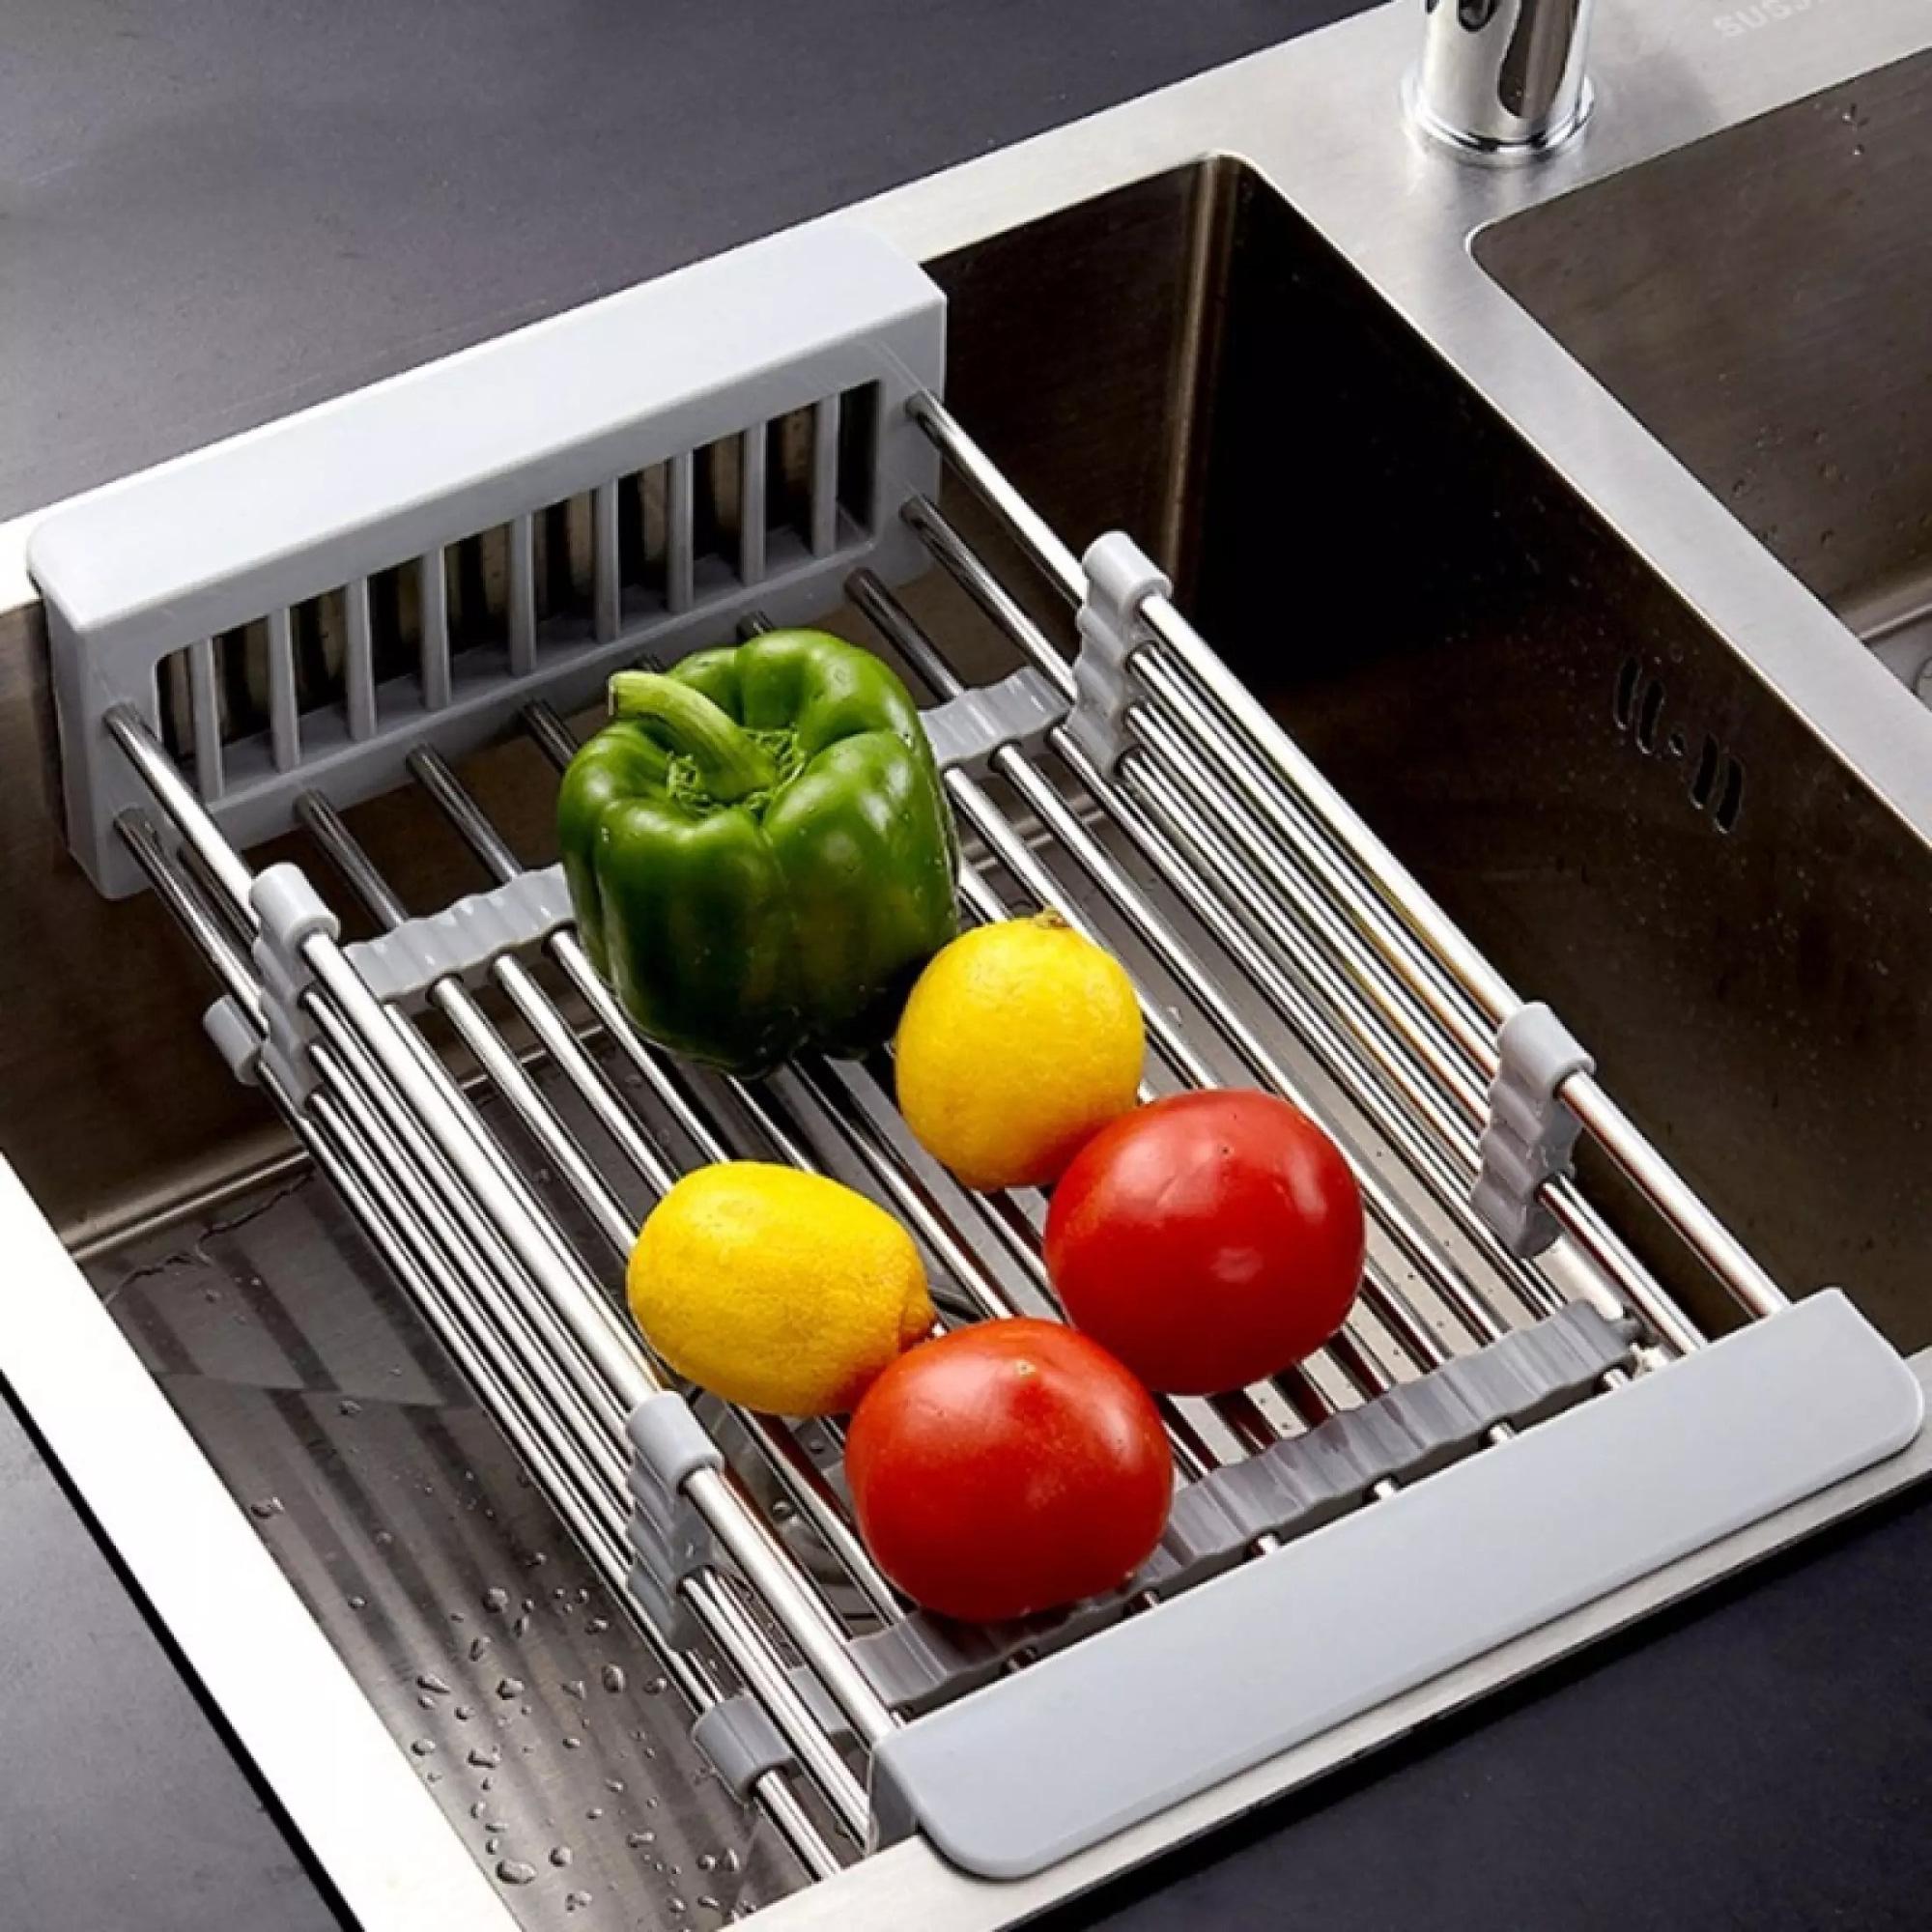 """Siêu sale 7/7 tới 70% loạt sản phẩm đồ bếp giúp chị em """"nhàn tênh"""" còn lưu trữ và hô biến không gian điểm 10 ngăn nắp - Ảnh 1."""